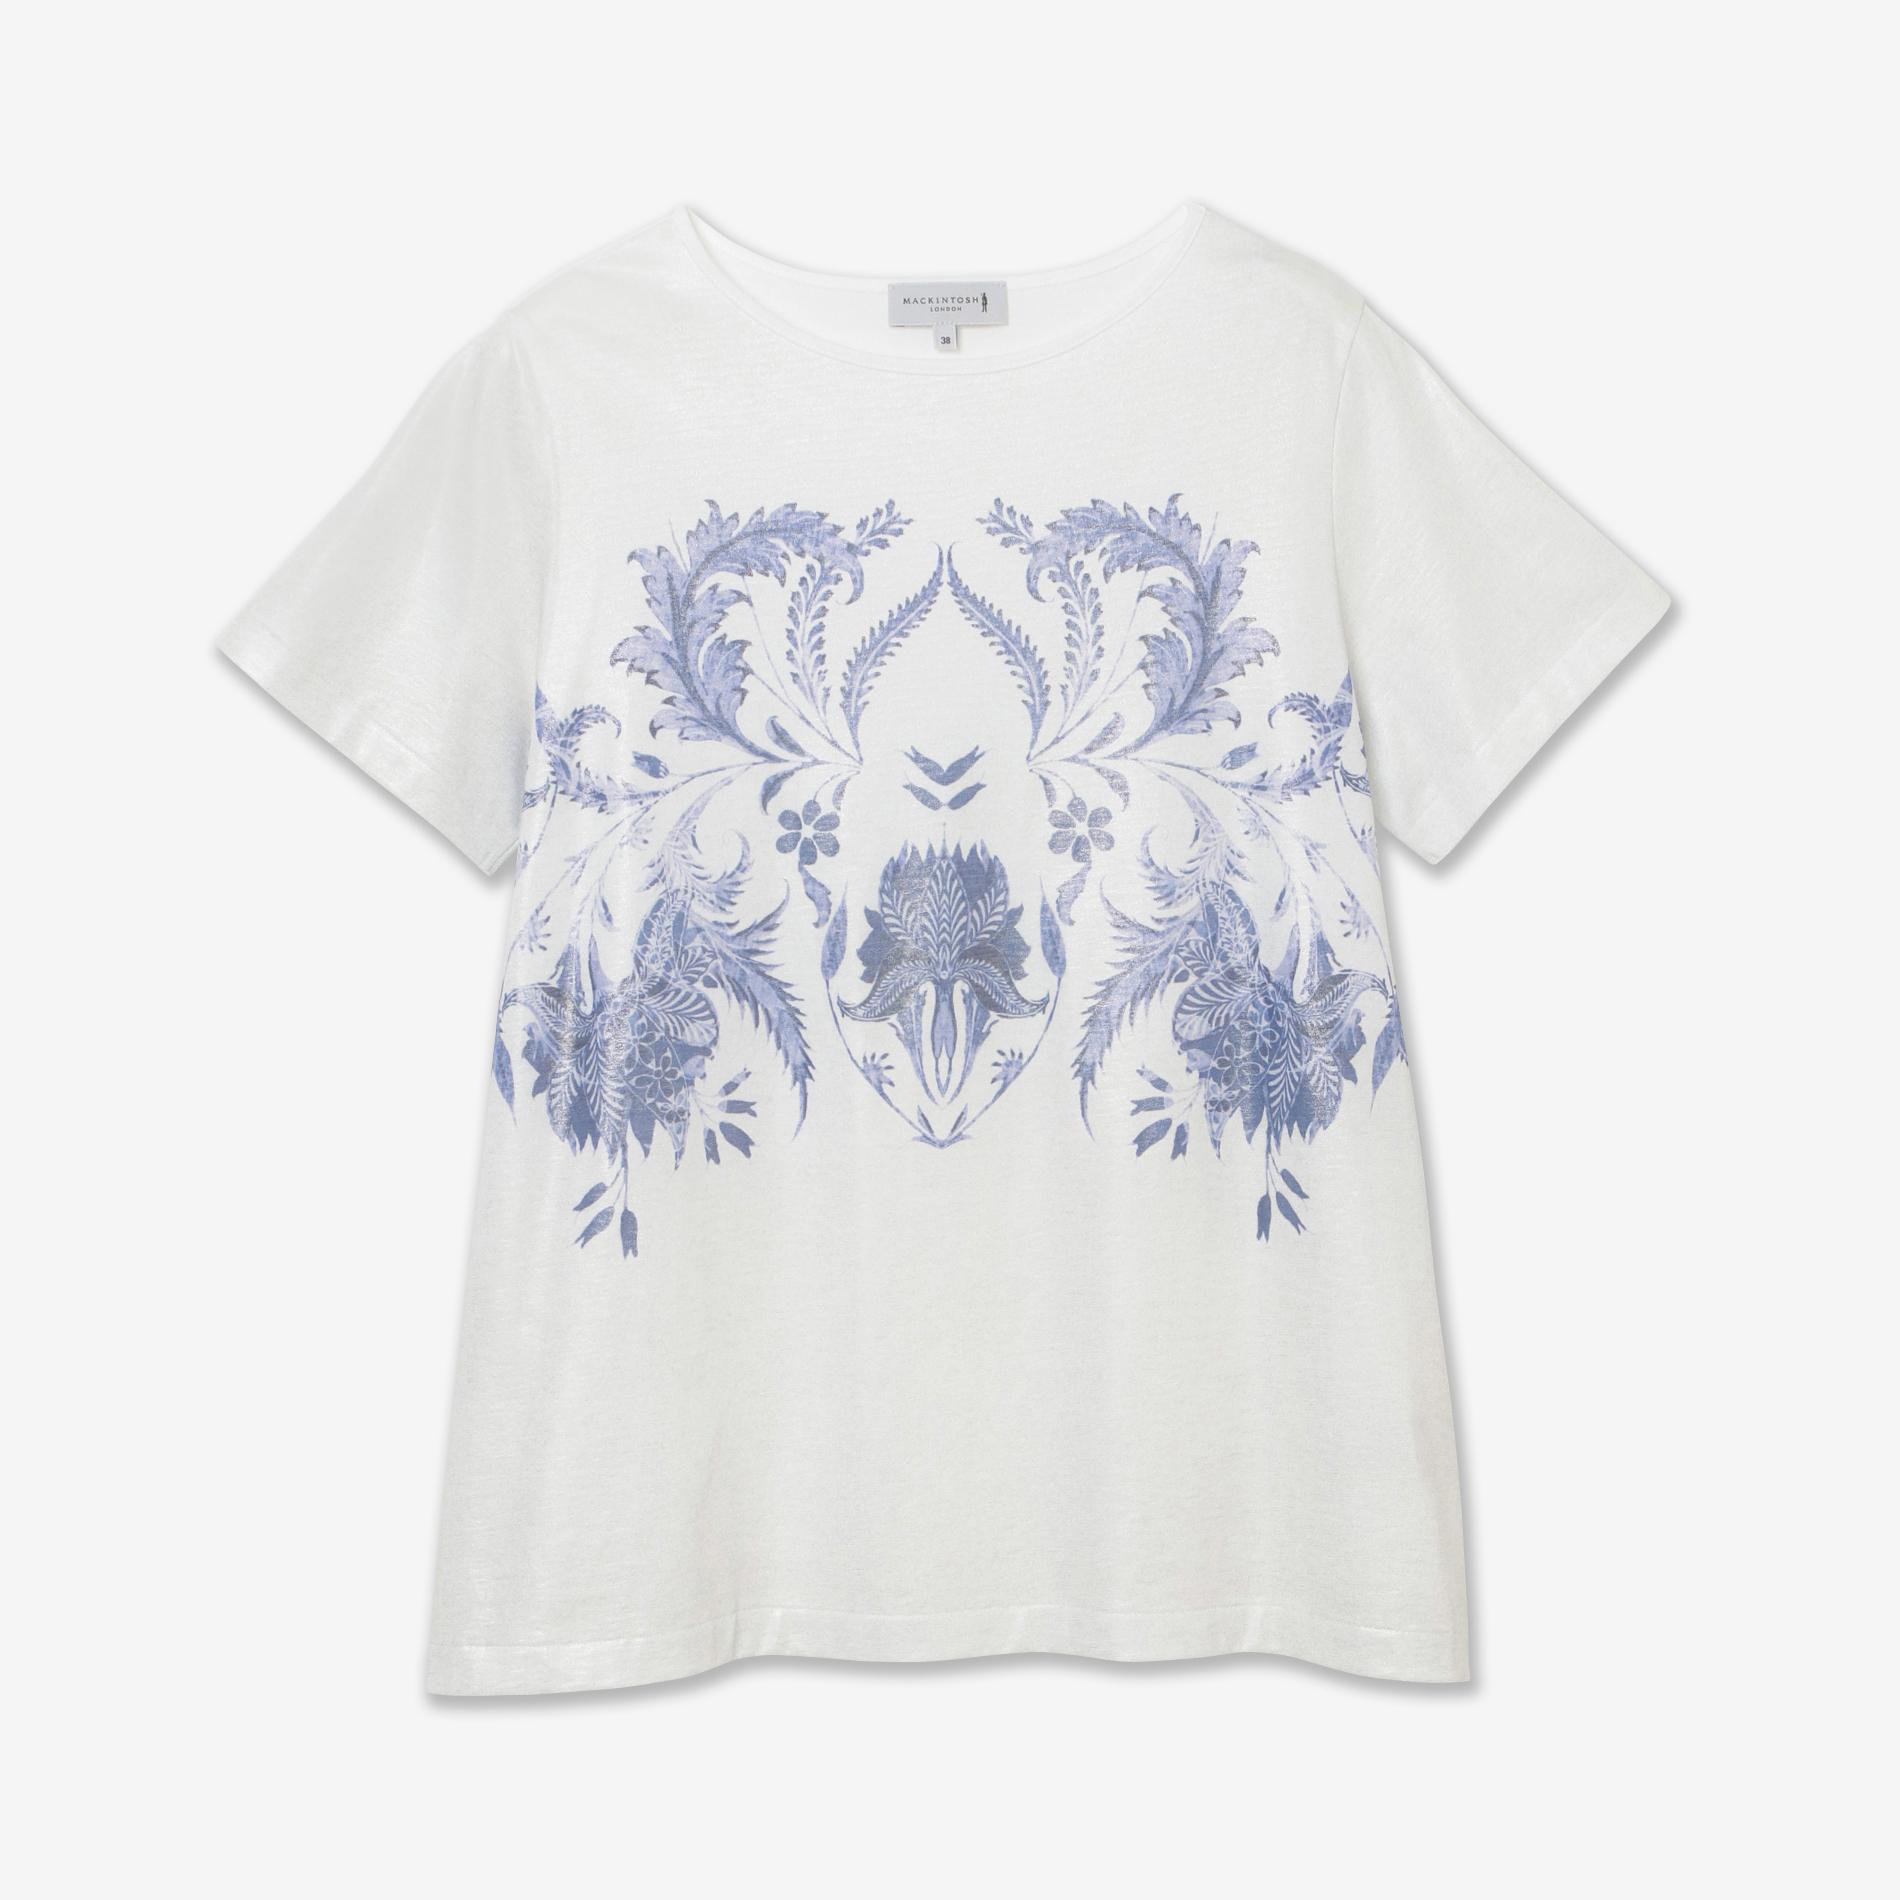 ジャコビアンTシャツ